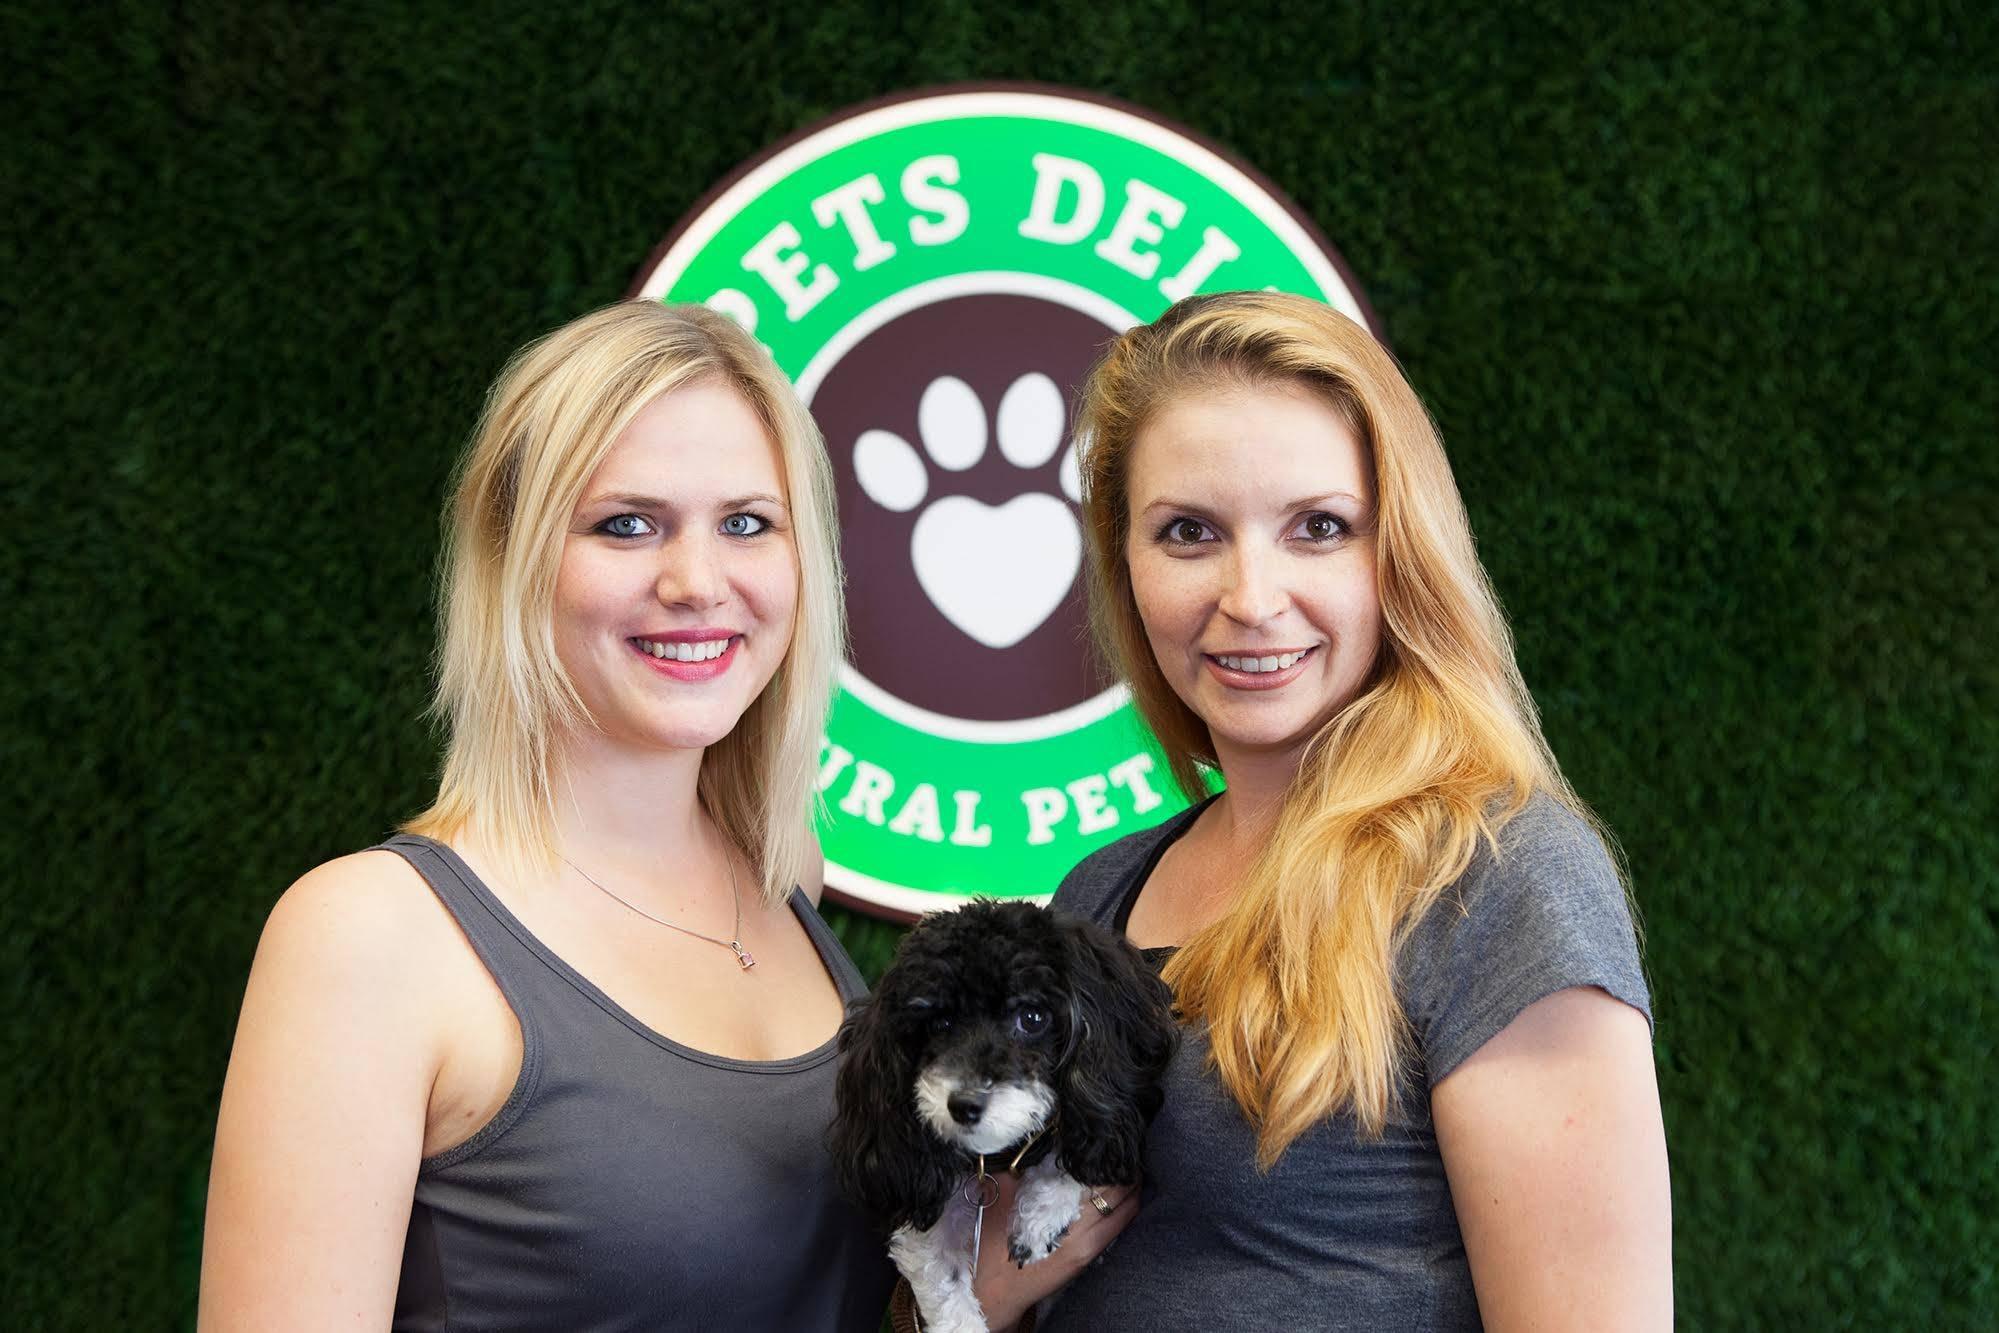 Arbeiten bei Pets Deli